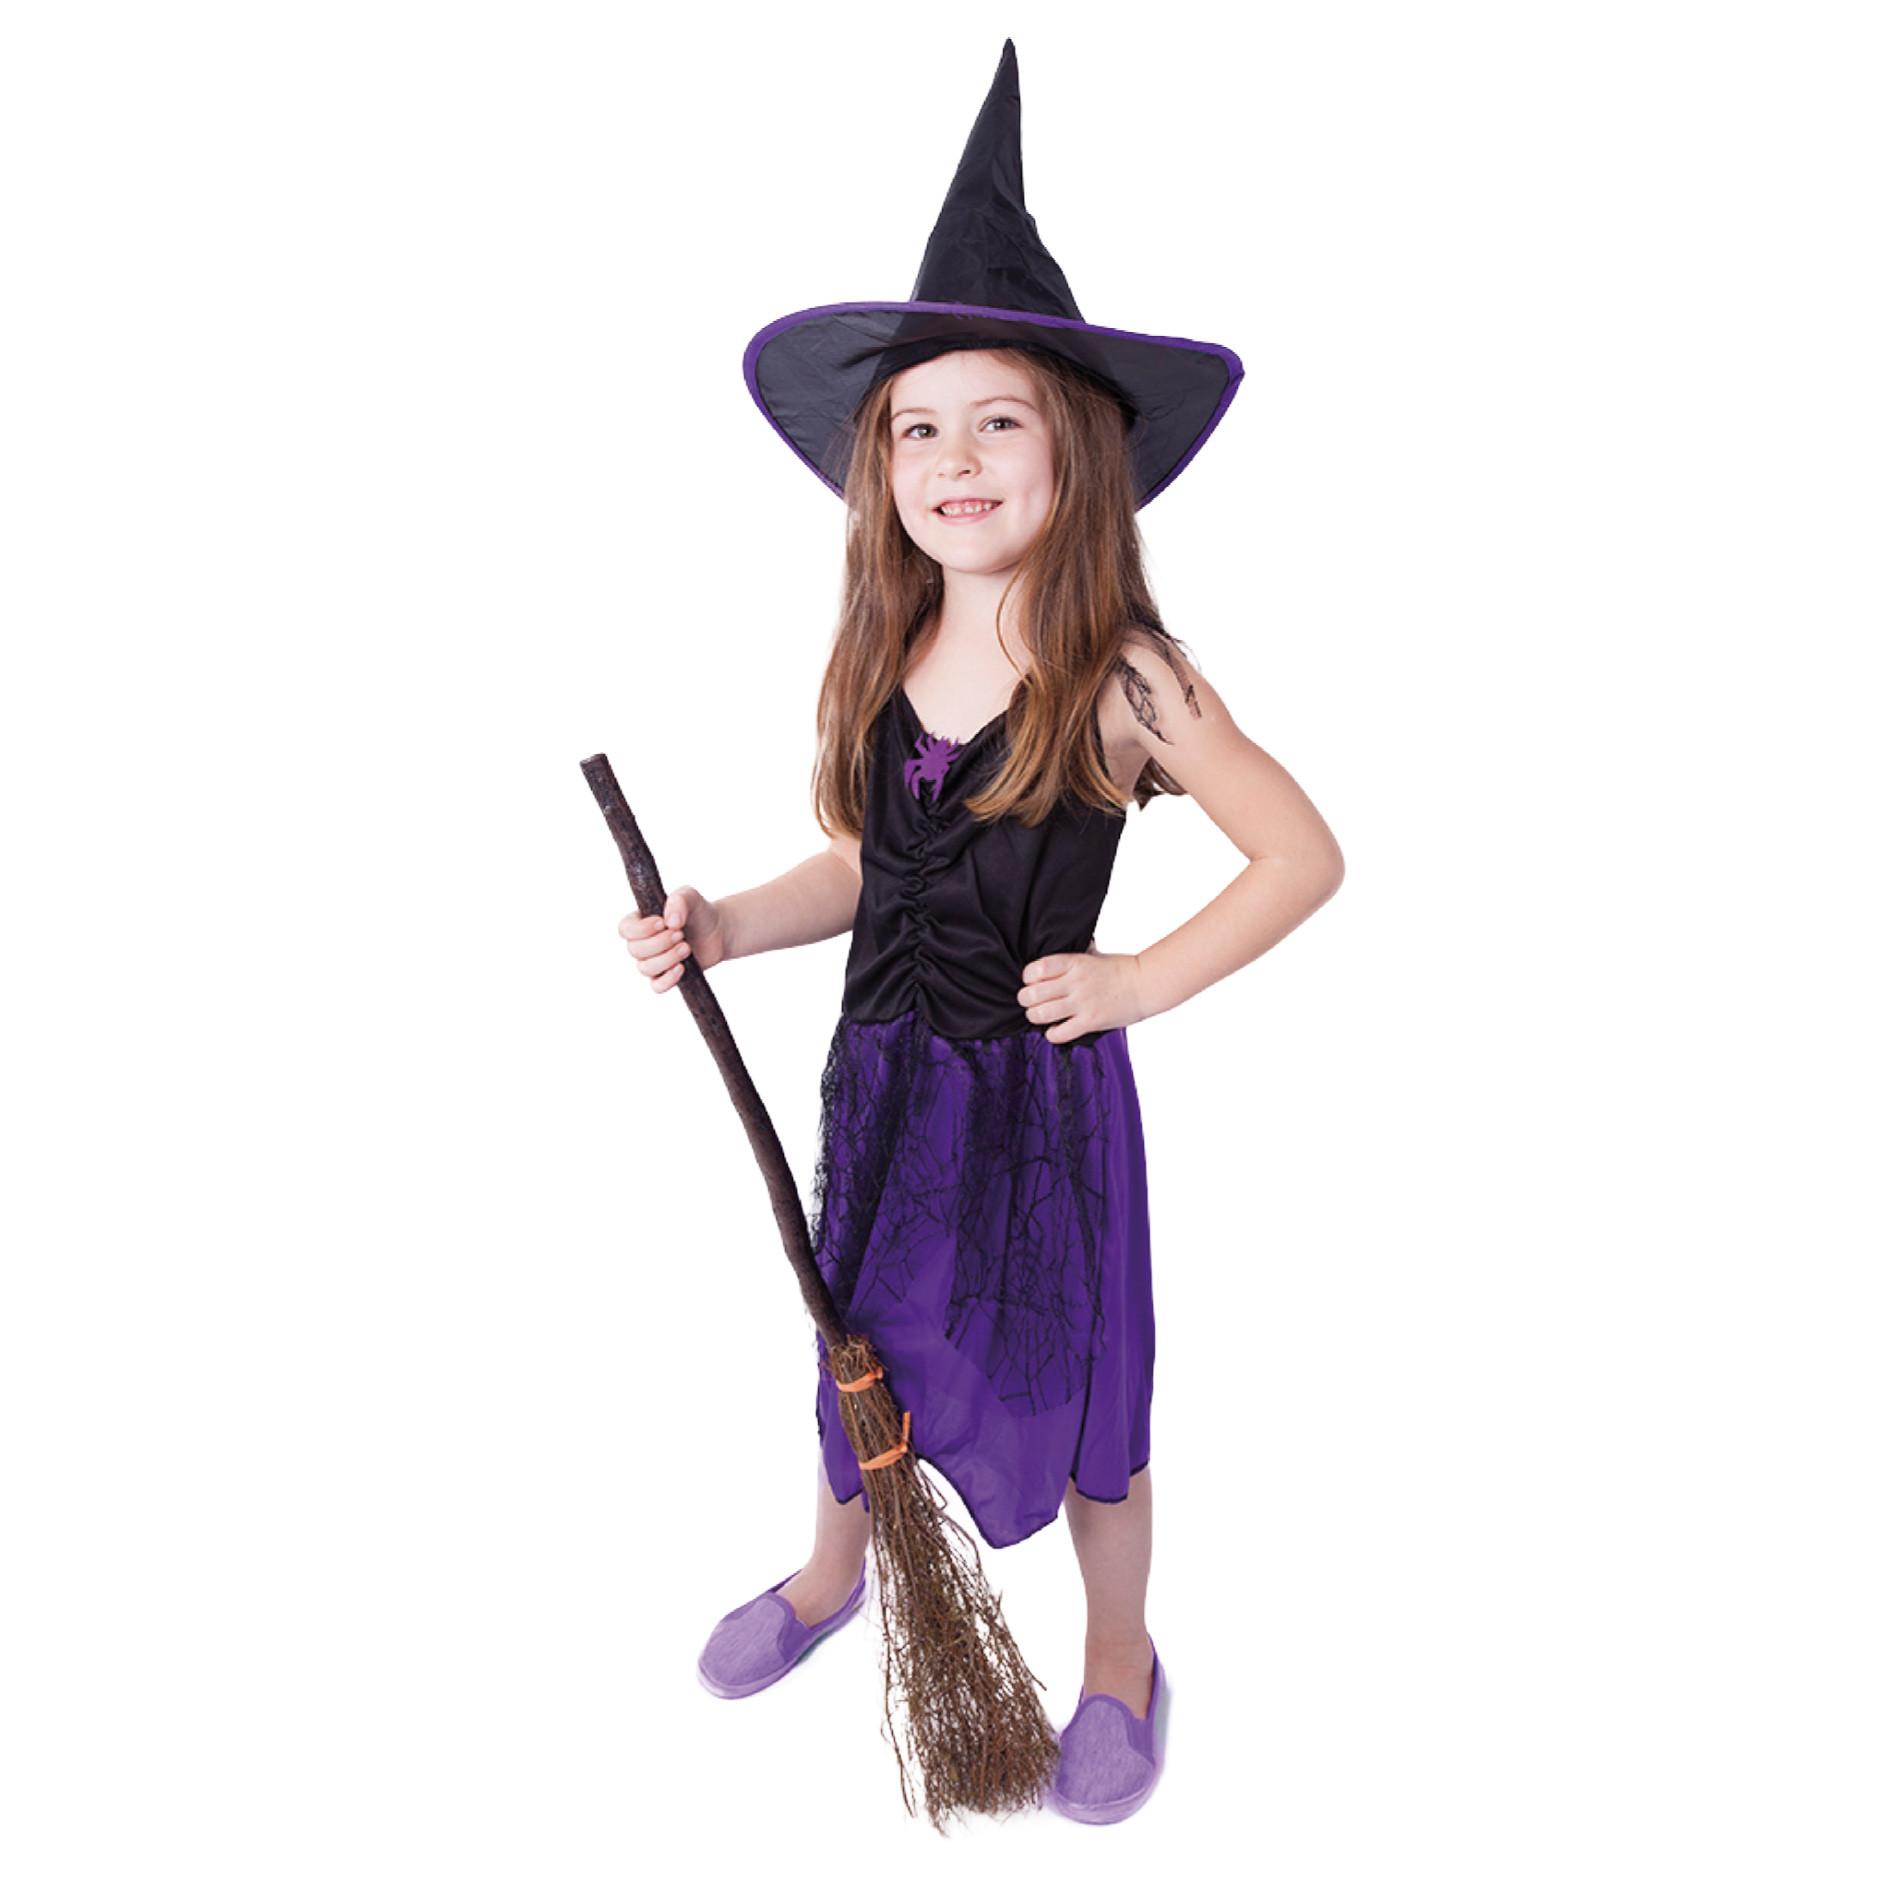 Dětský kostým fialová čarodejnice (M) s kloboukem, Čarodějnice / Halloween